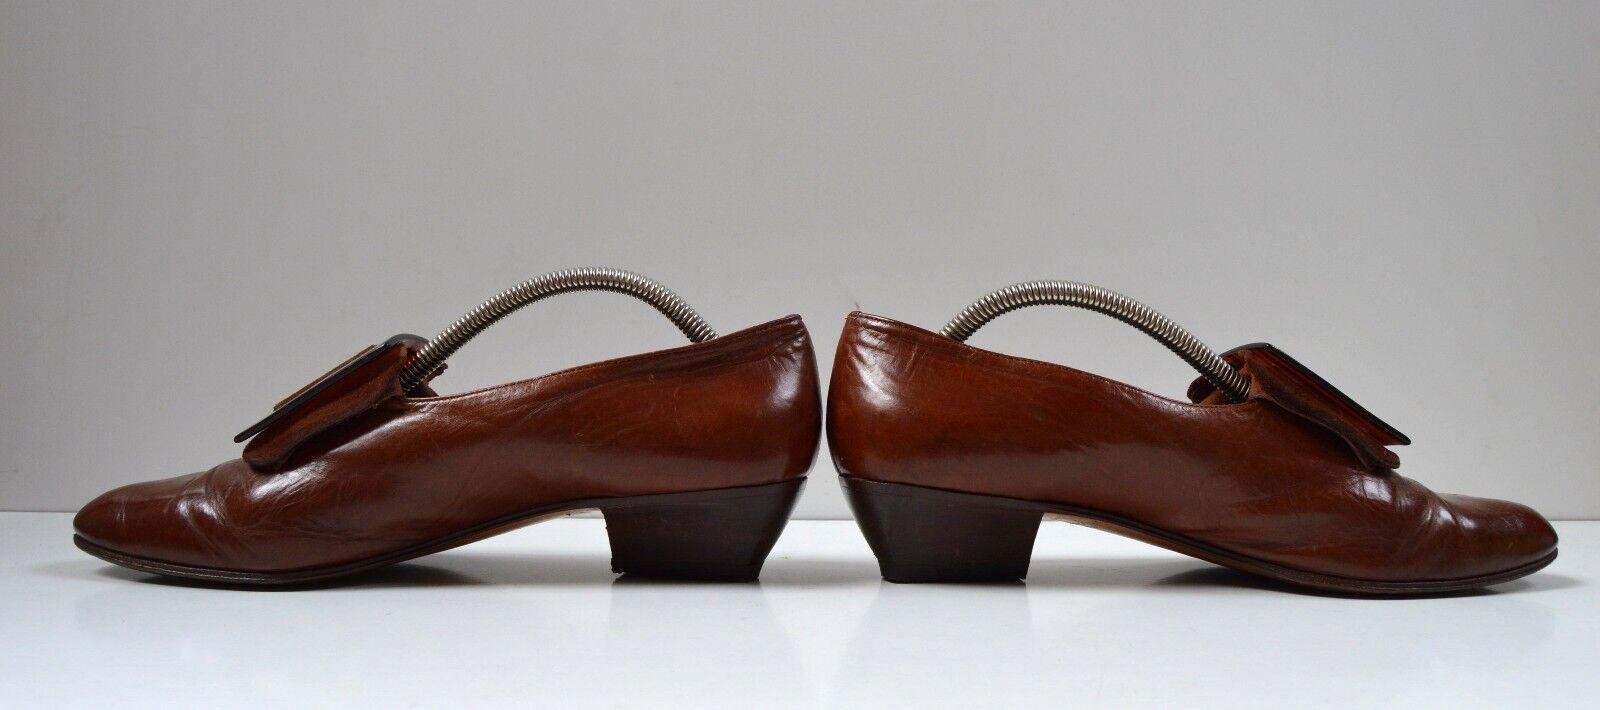 Theil Schnallenschuh made in italy braun Halbschuhe True Vintage loafer spitz